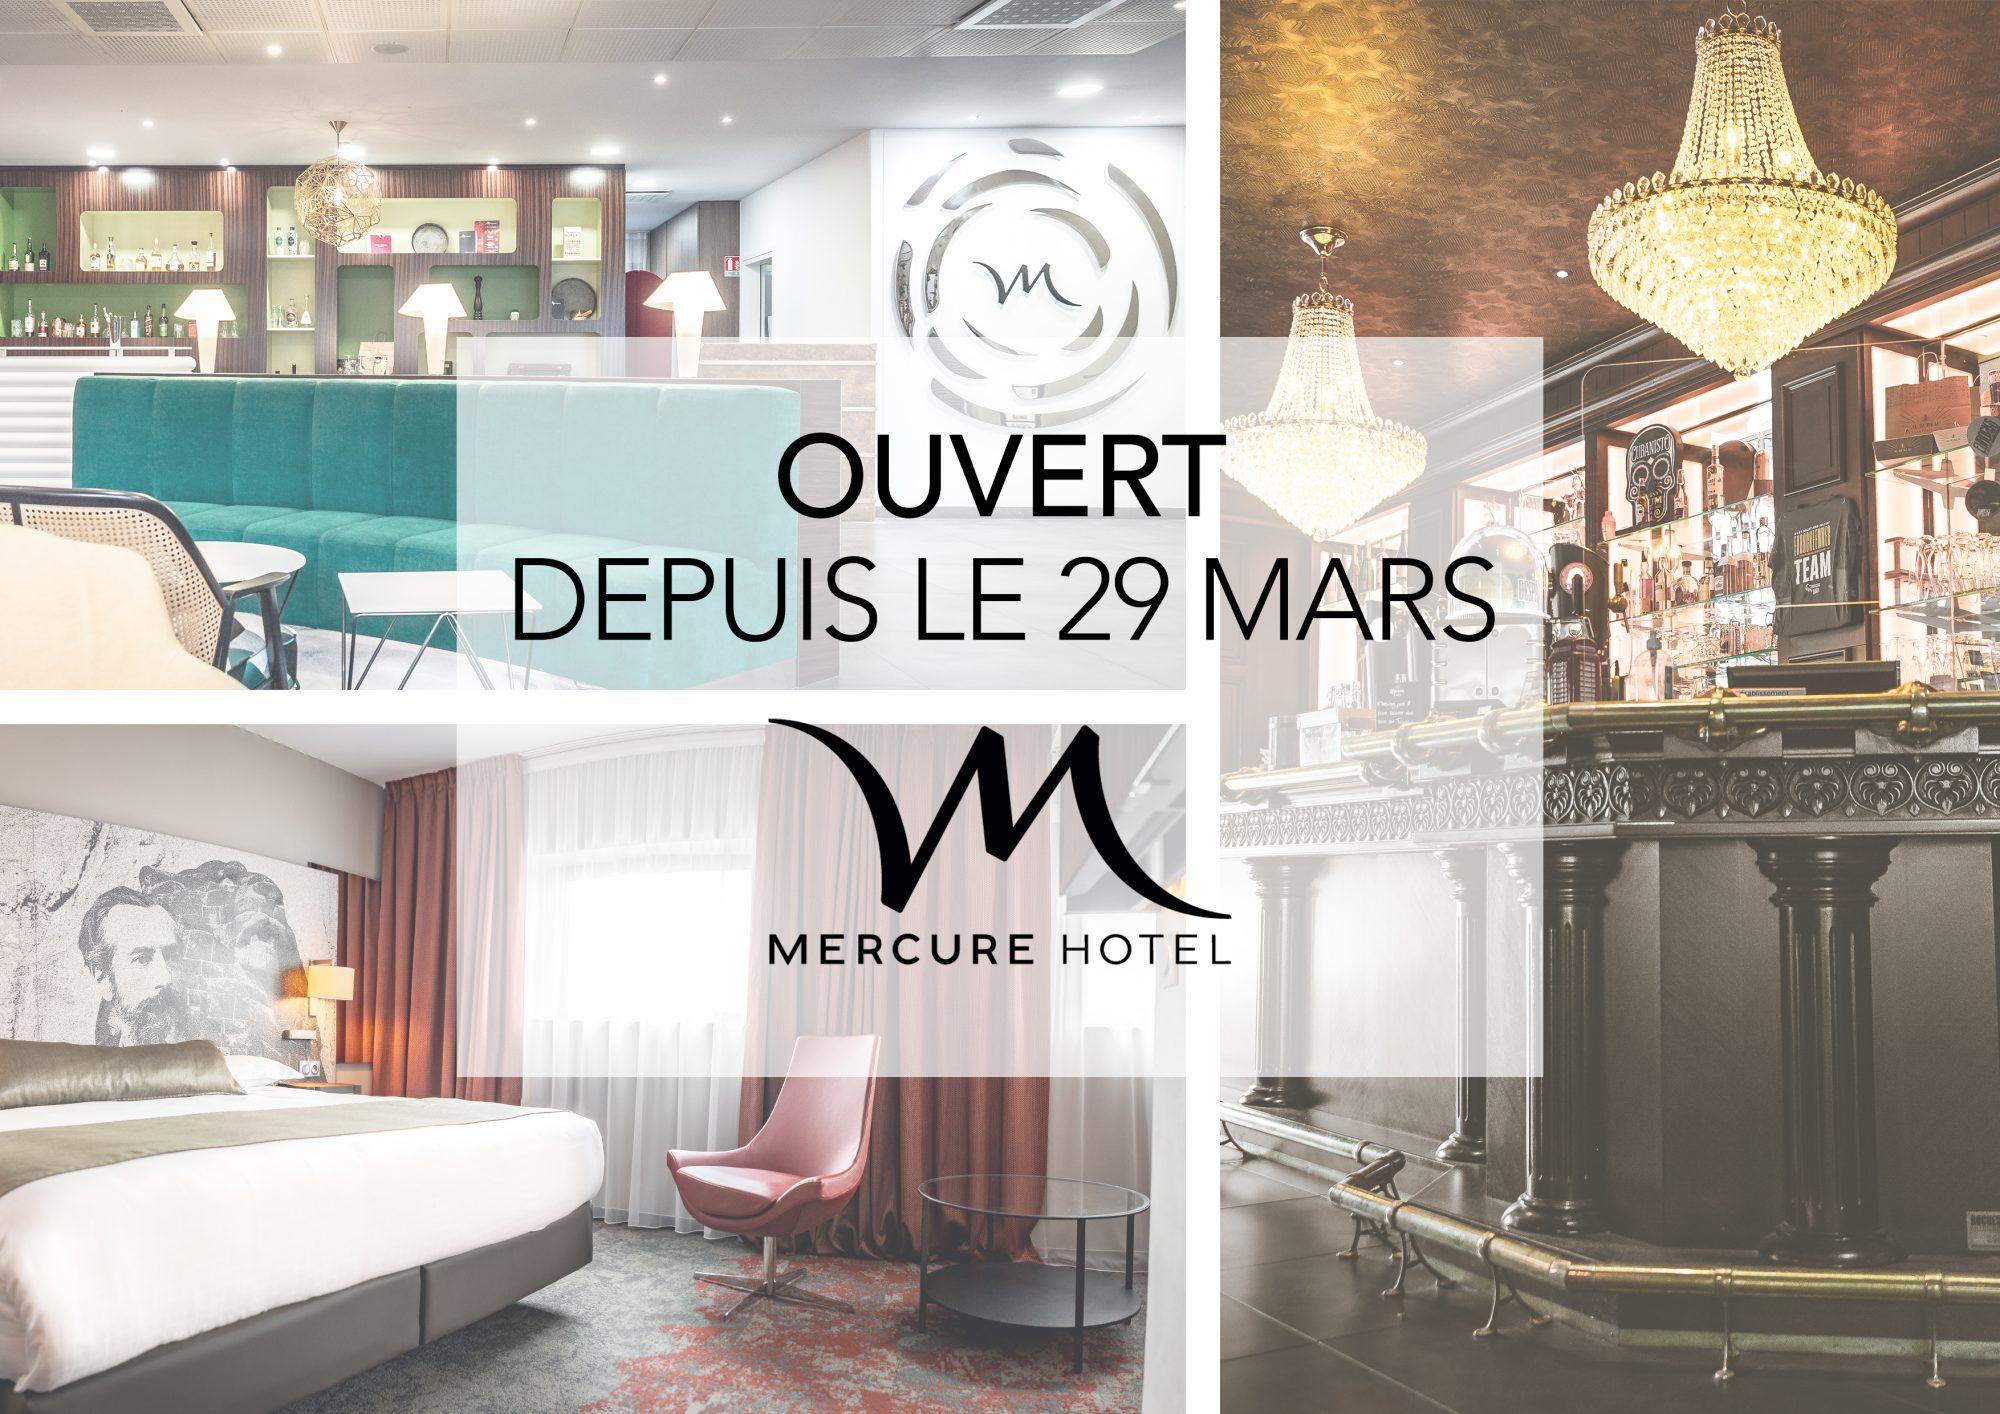 Hôtel Mercure Belfort Centre – Ouvert depuis le 29 Mars